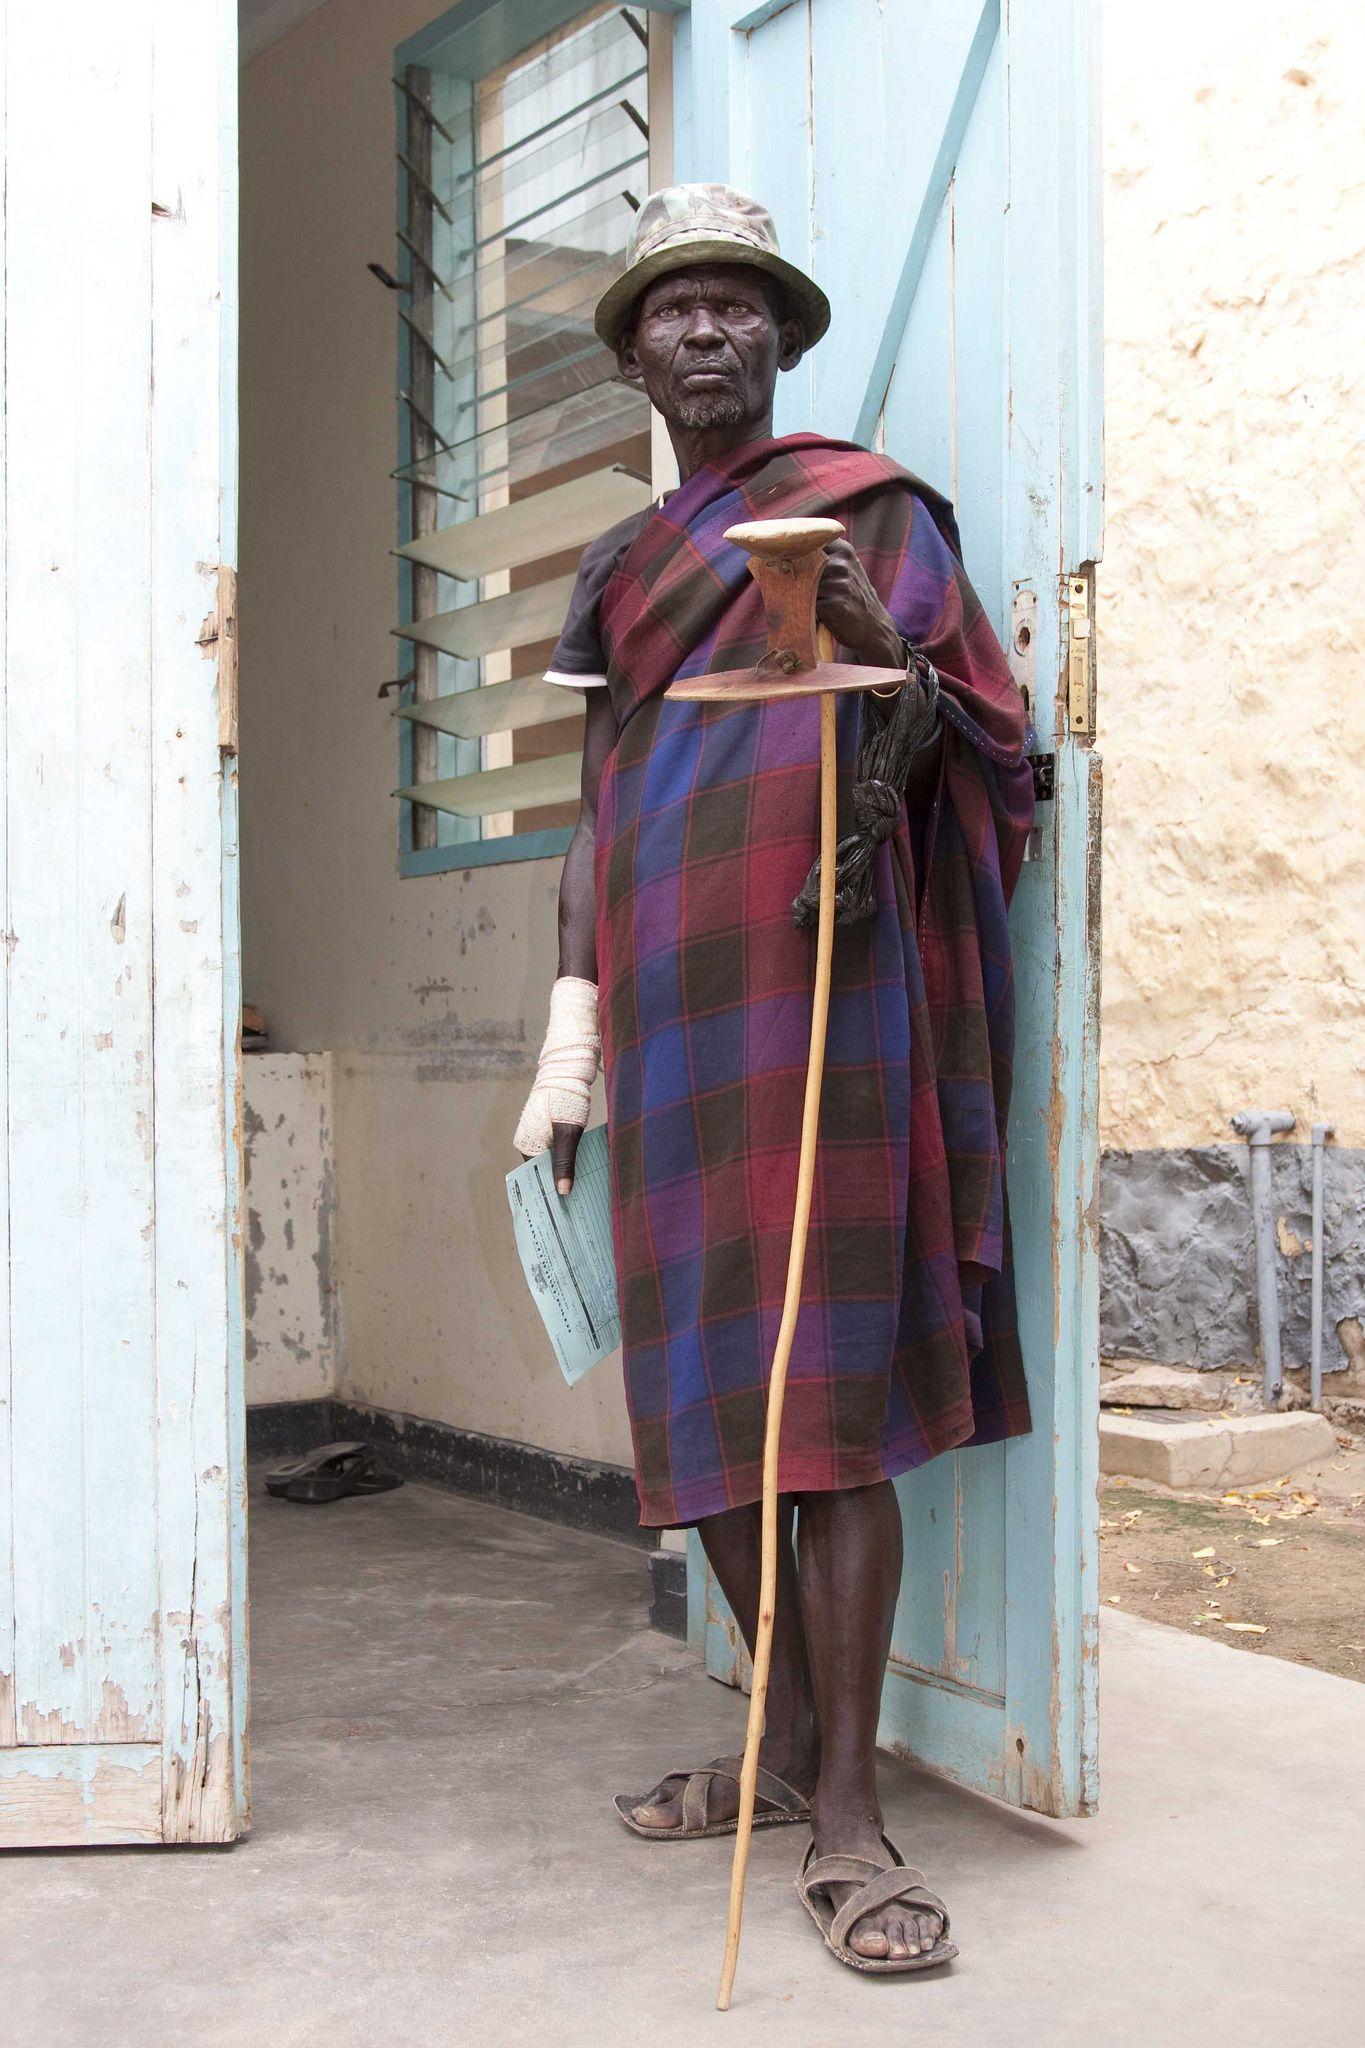 Cirugía en Turkana _ Campaña 2012_MG_5069   by giselafpj